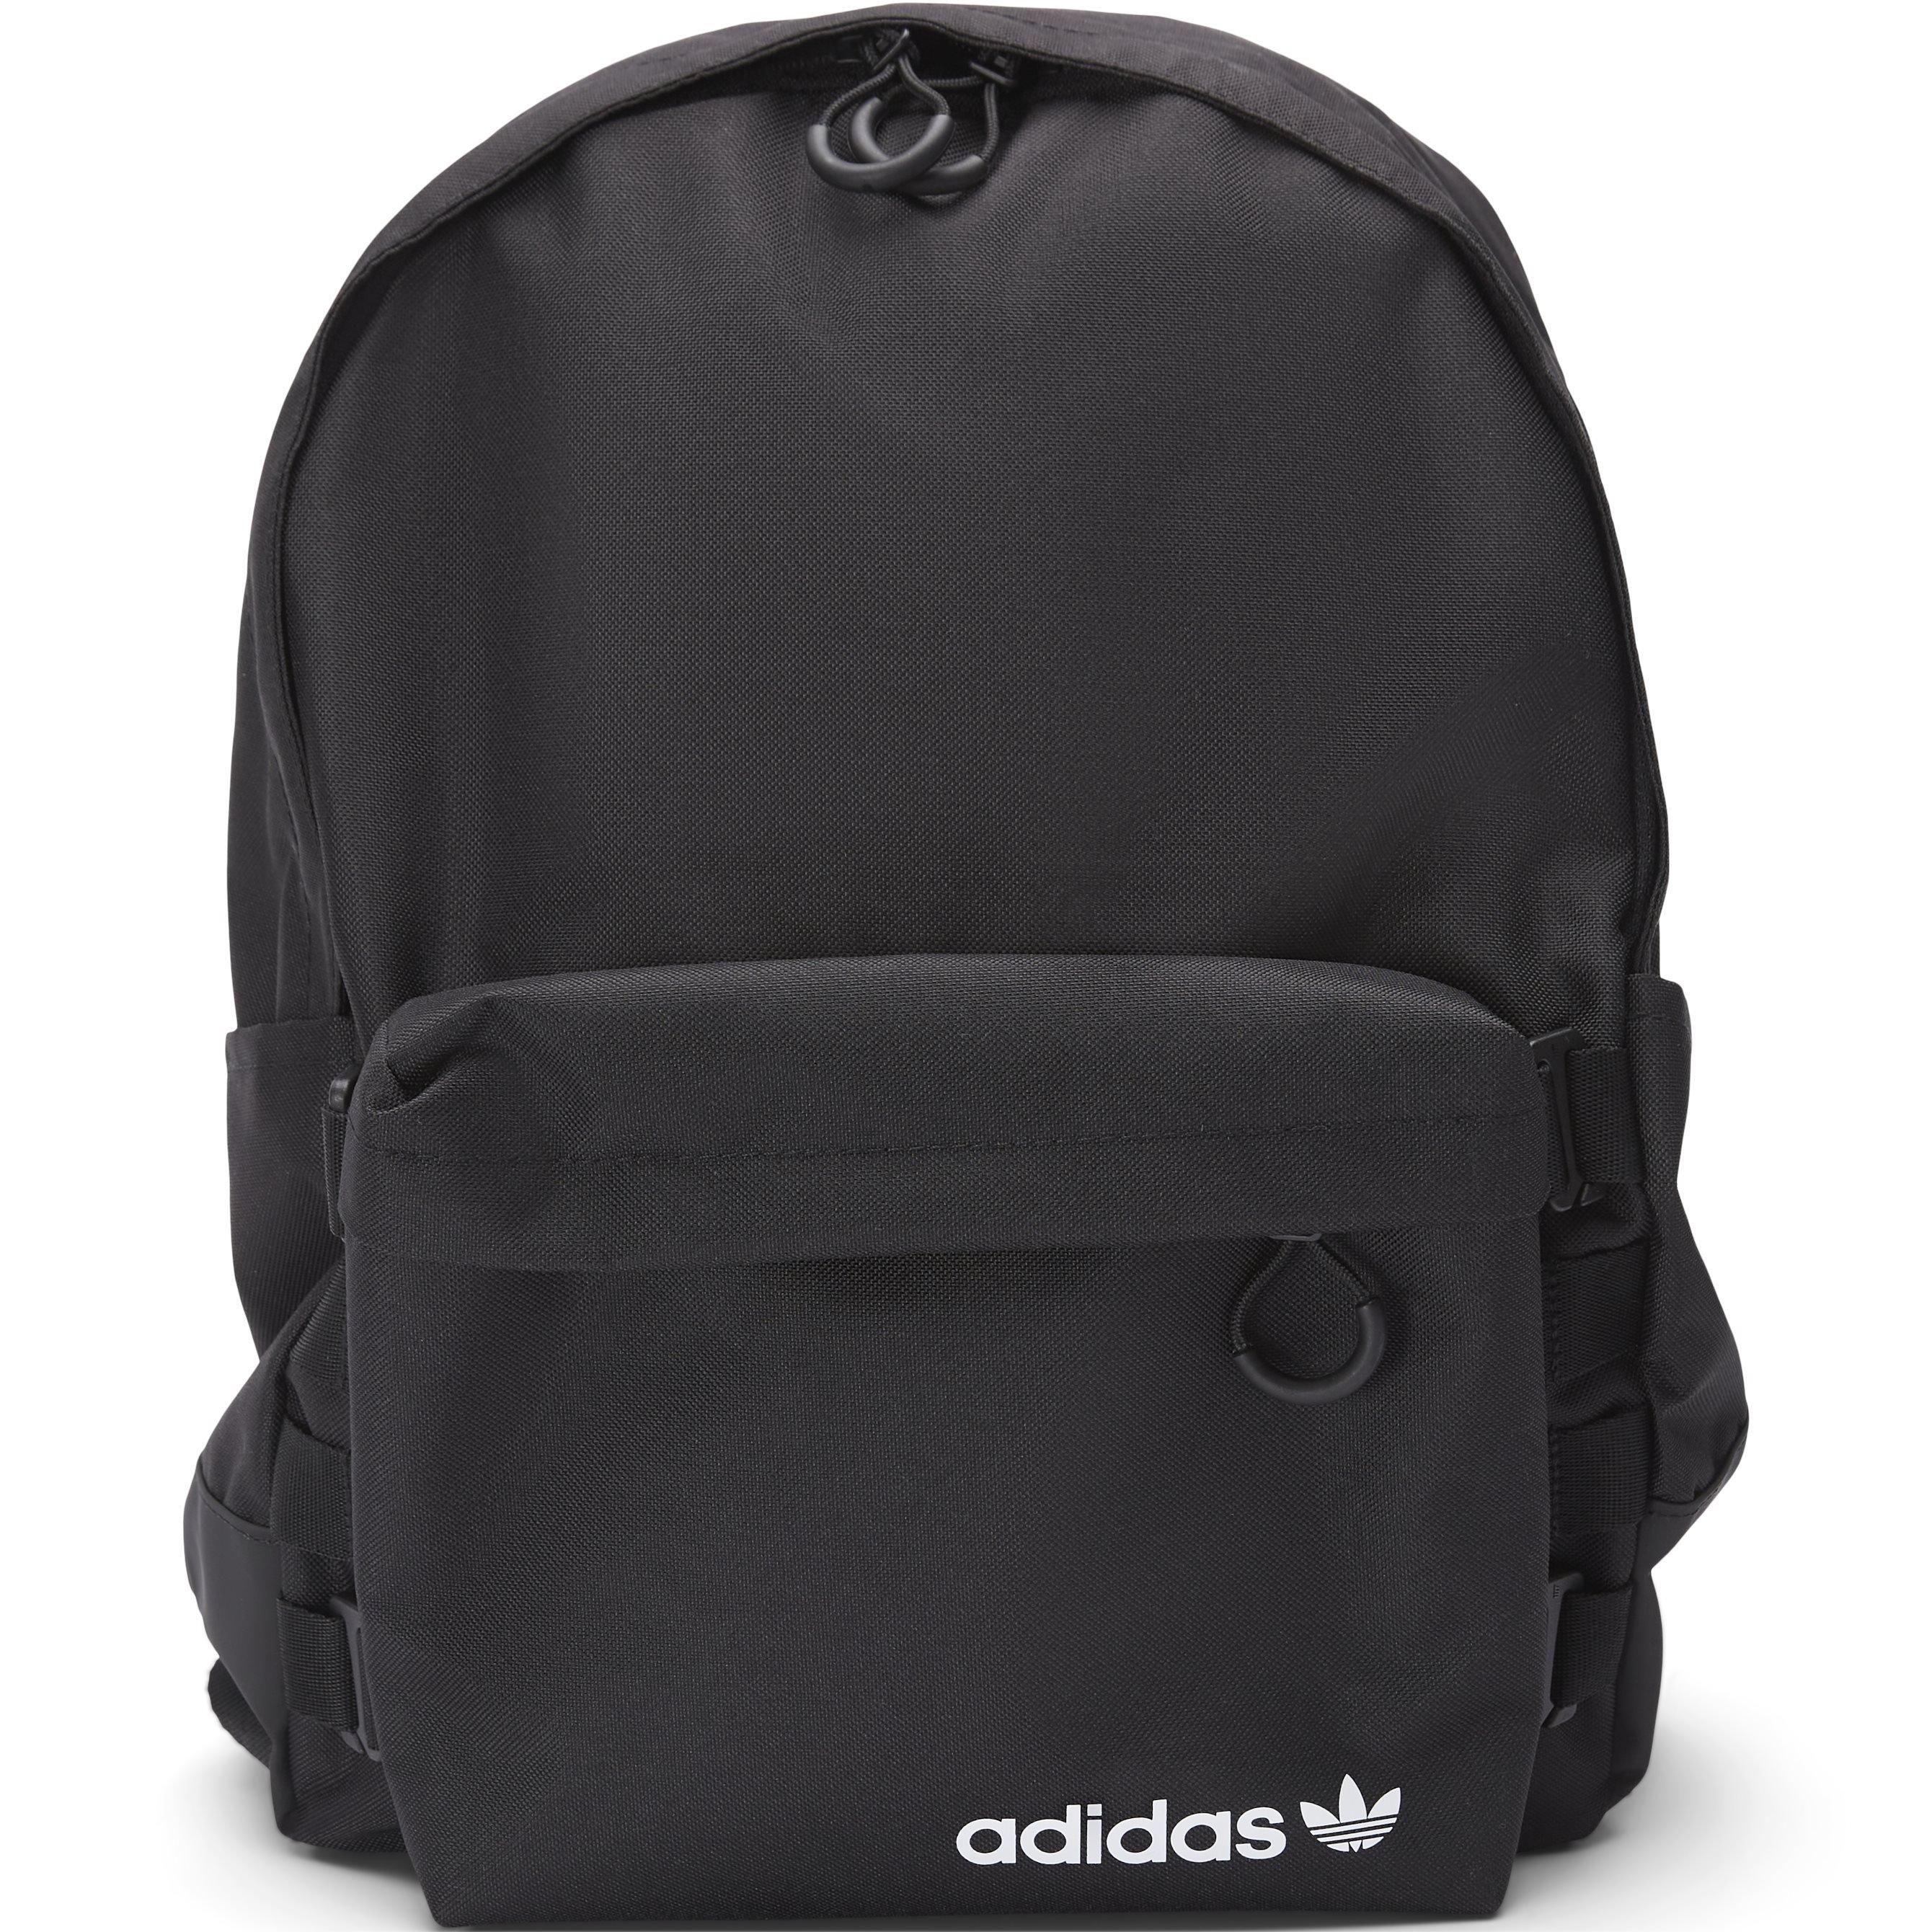 PE Modular Back Pack - Tasker - Sort